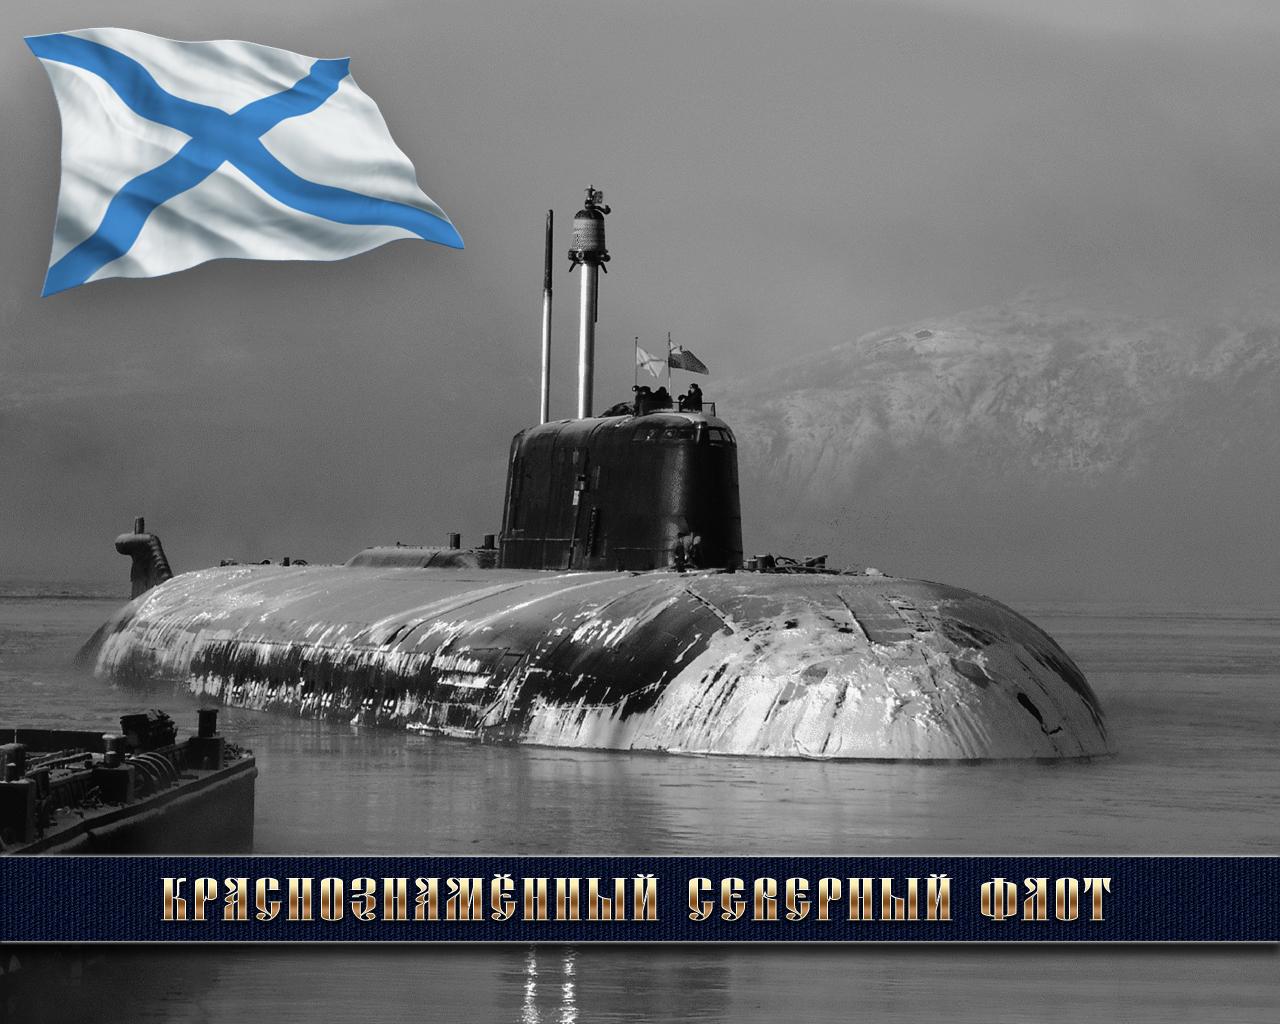 18 мая День Балтийского флота ВМФ России! Краснознаменный флот! открытки фото рисунки картинки поздравления